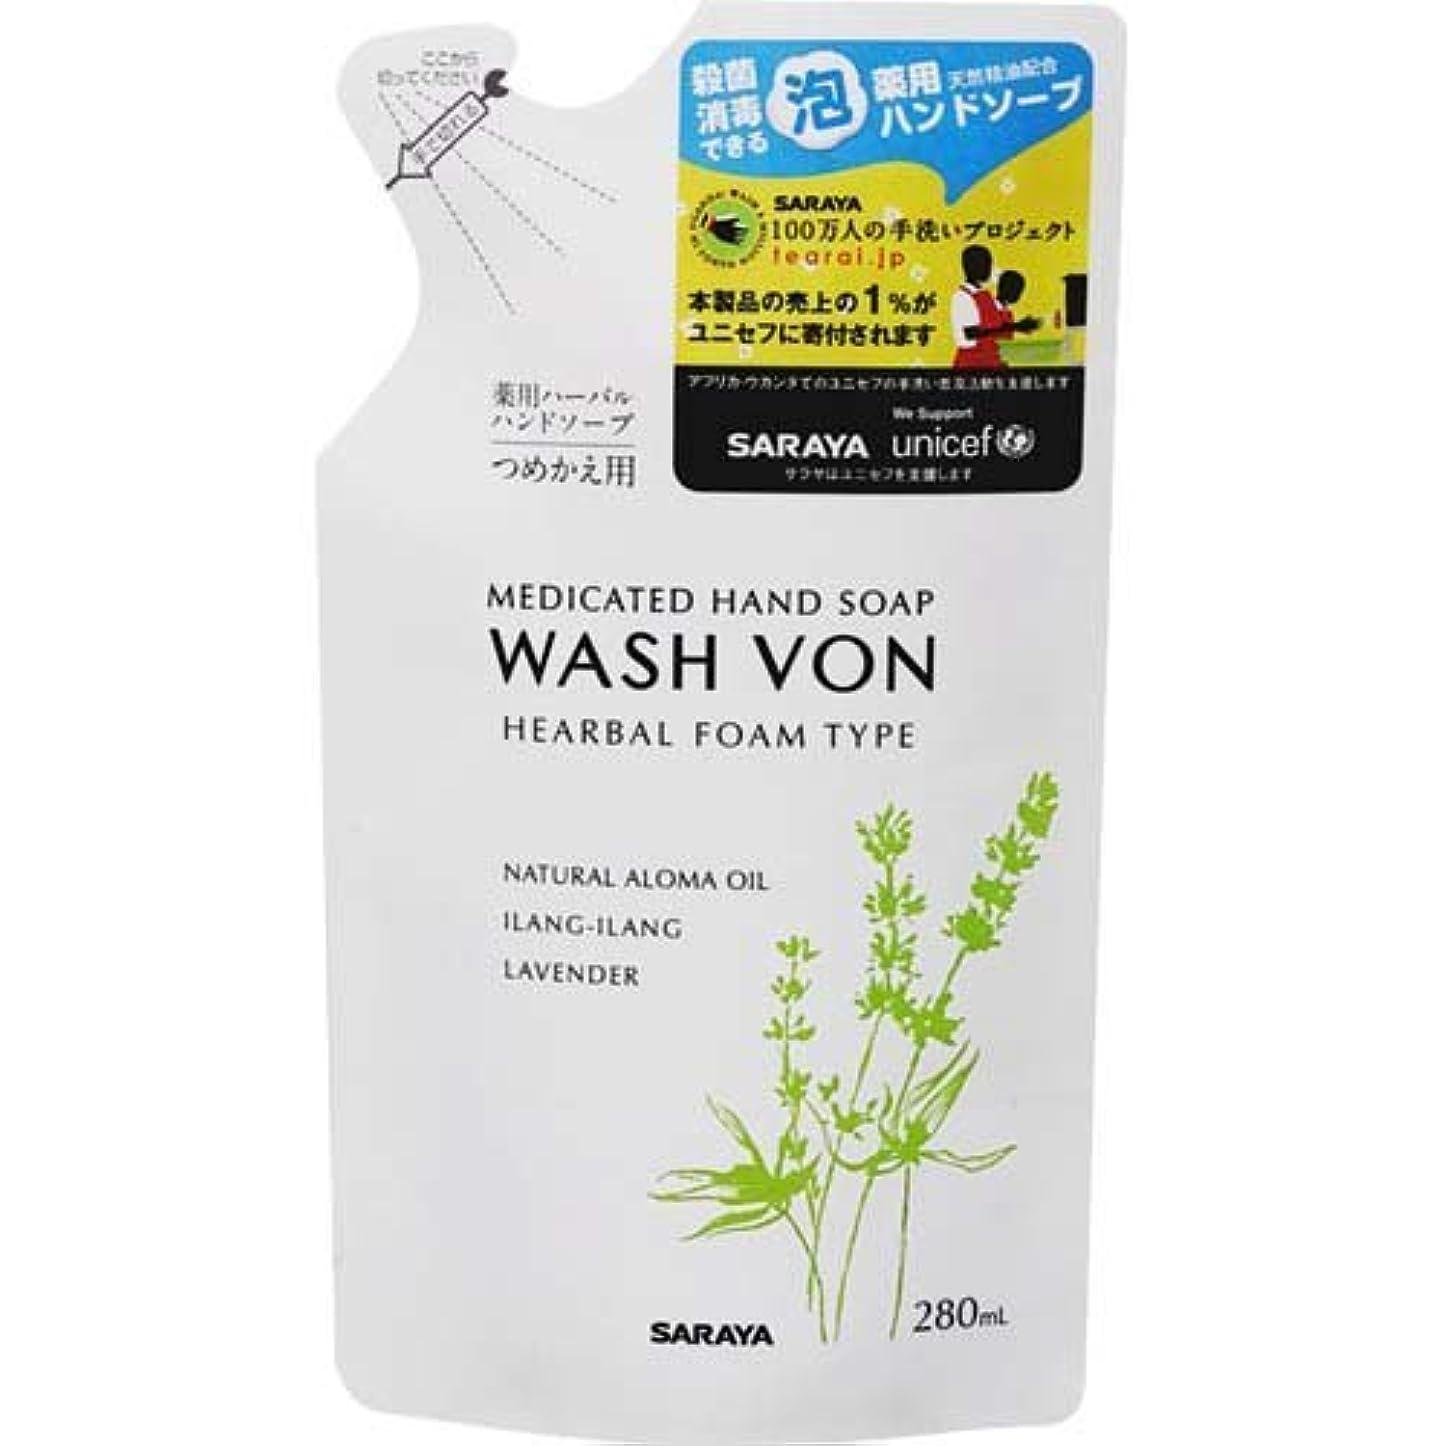 WASH VONハーバル薬用ハンドソープ 詰替 280ml × 5個